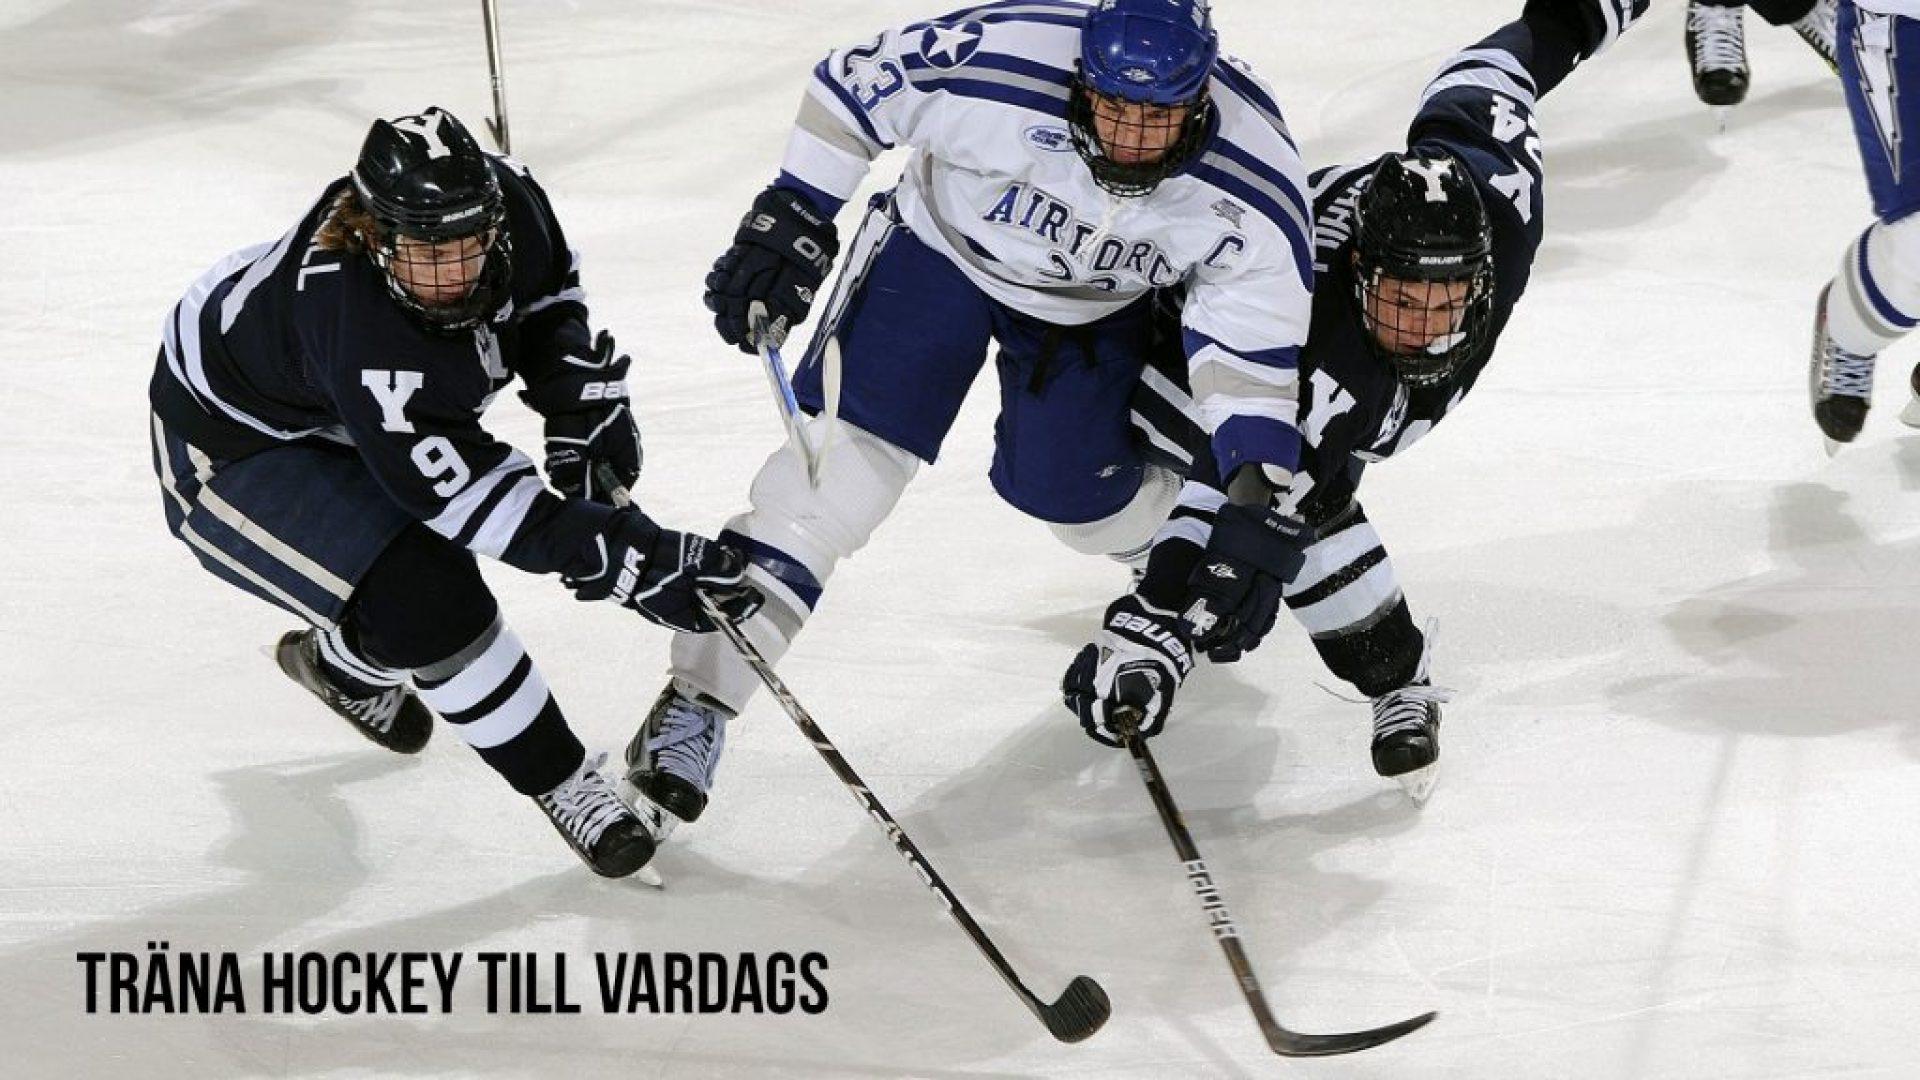 Träna-hockey-till-vardags